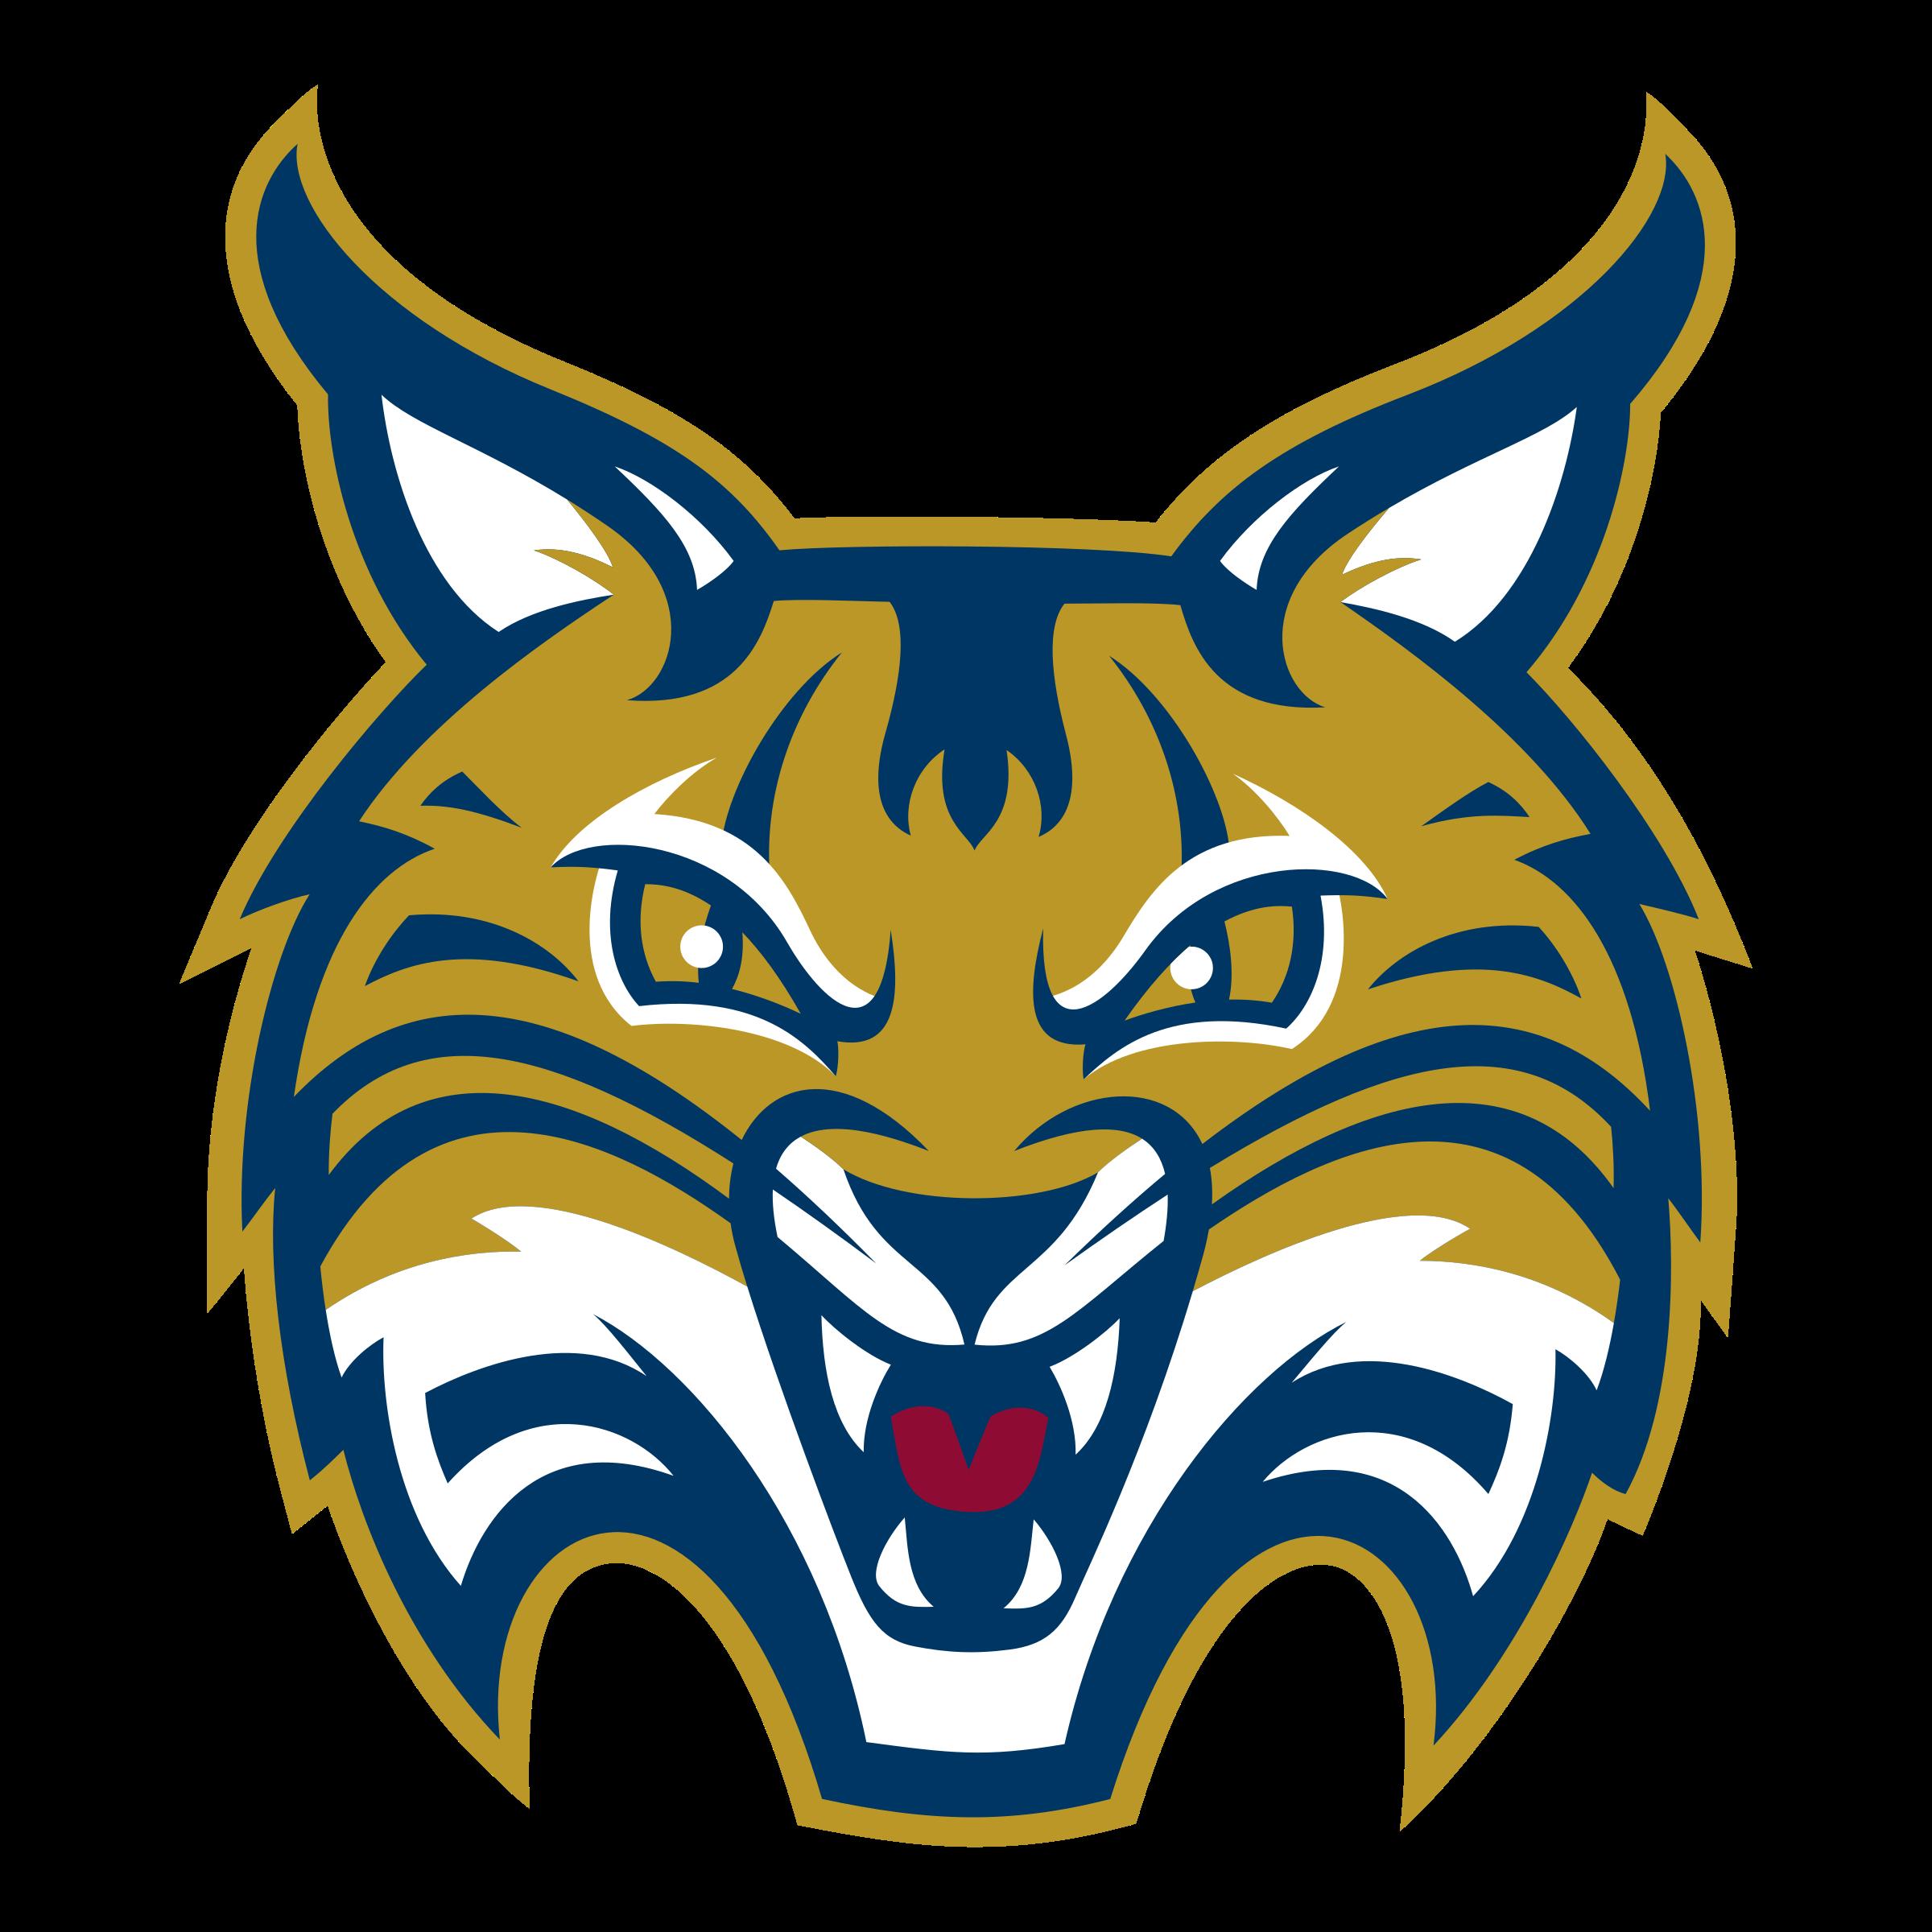 Bobcat clipart transparent. Quinnipiac bobcats logo png